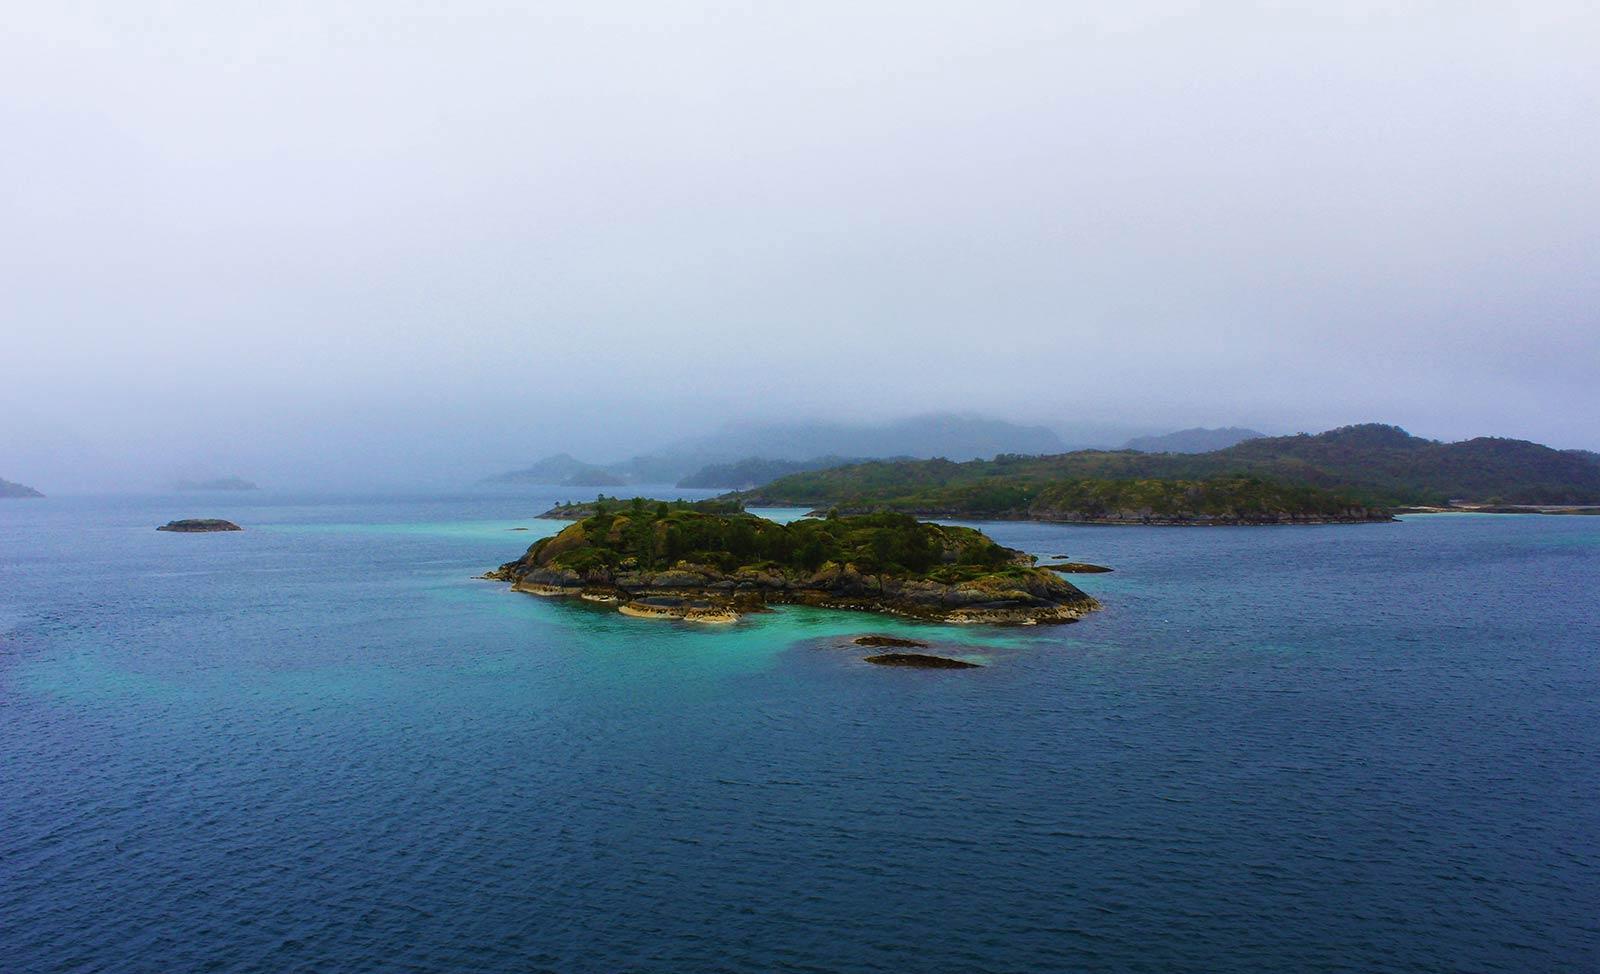 Little Islands in Norway